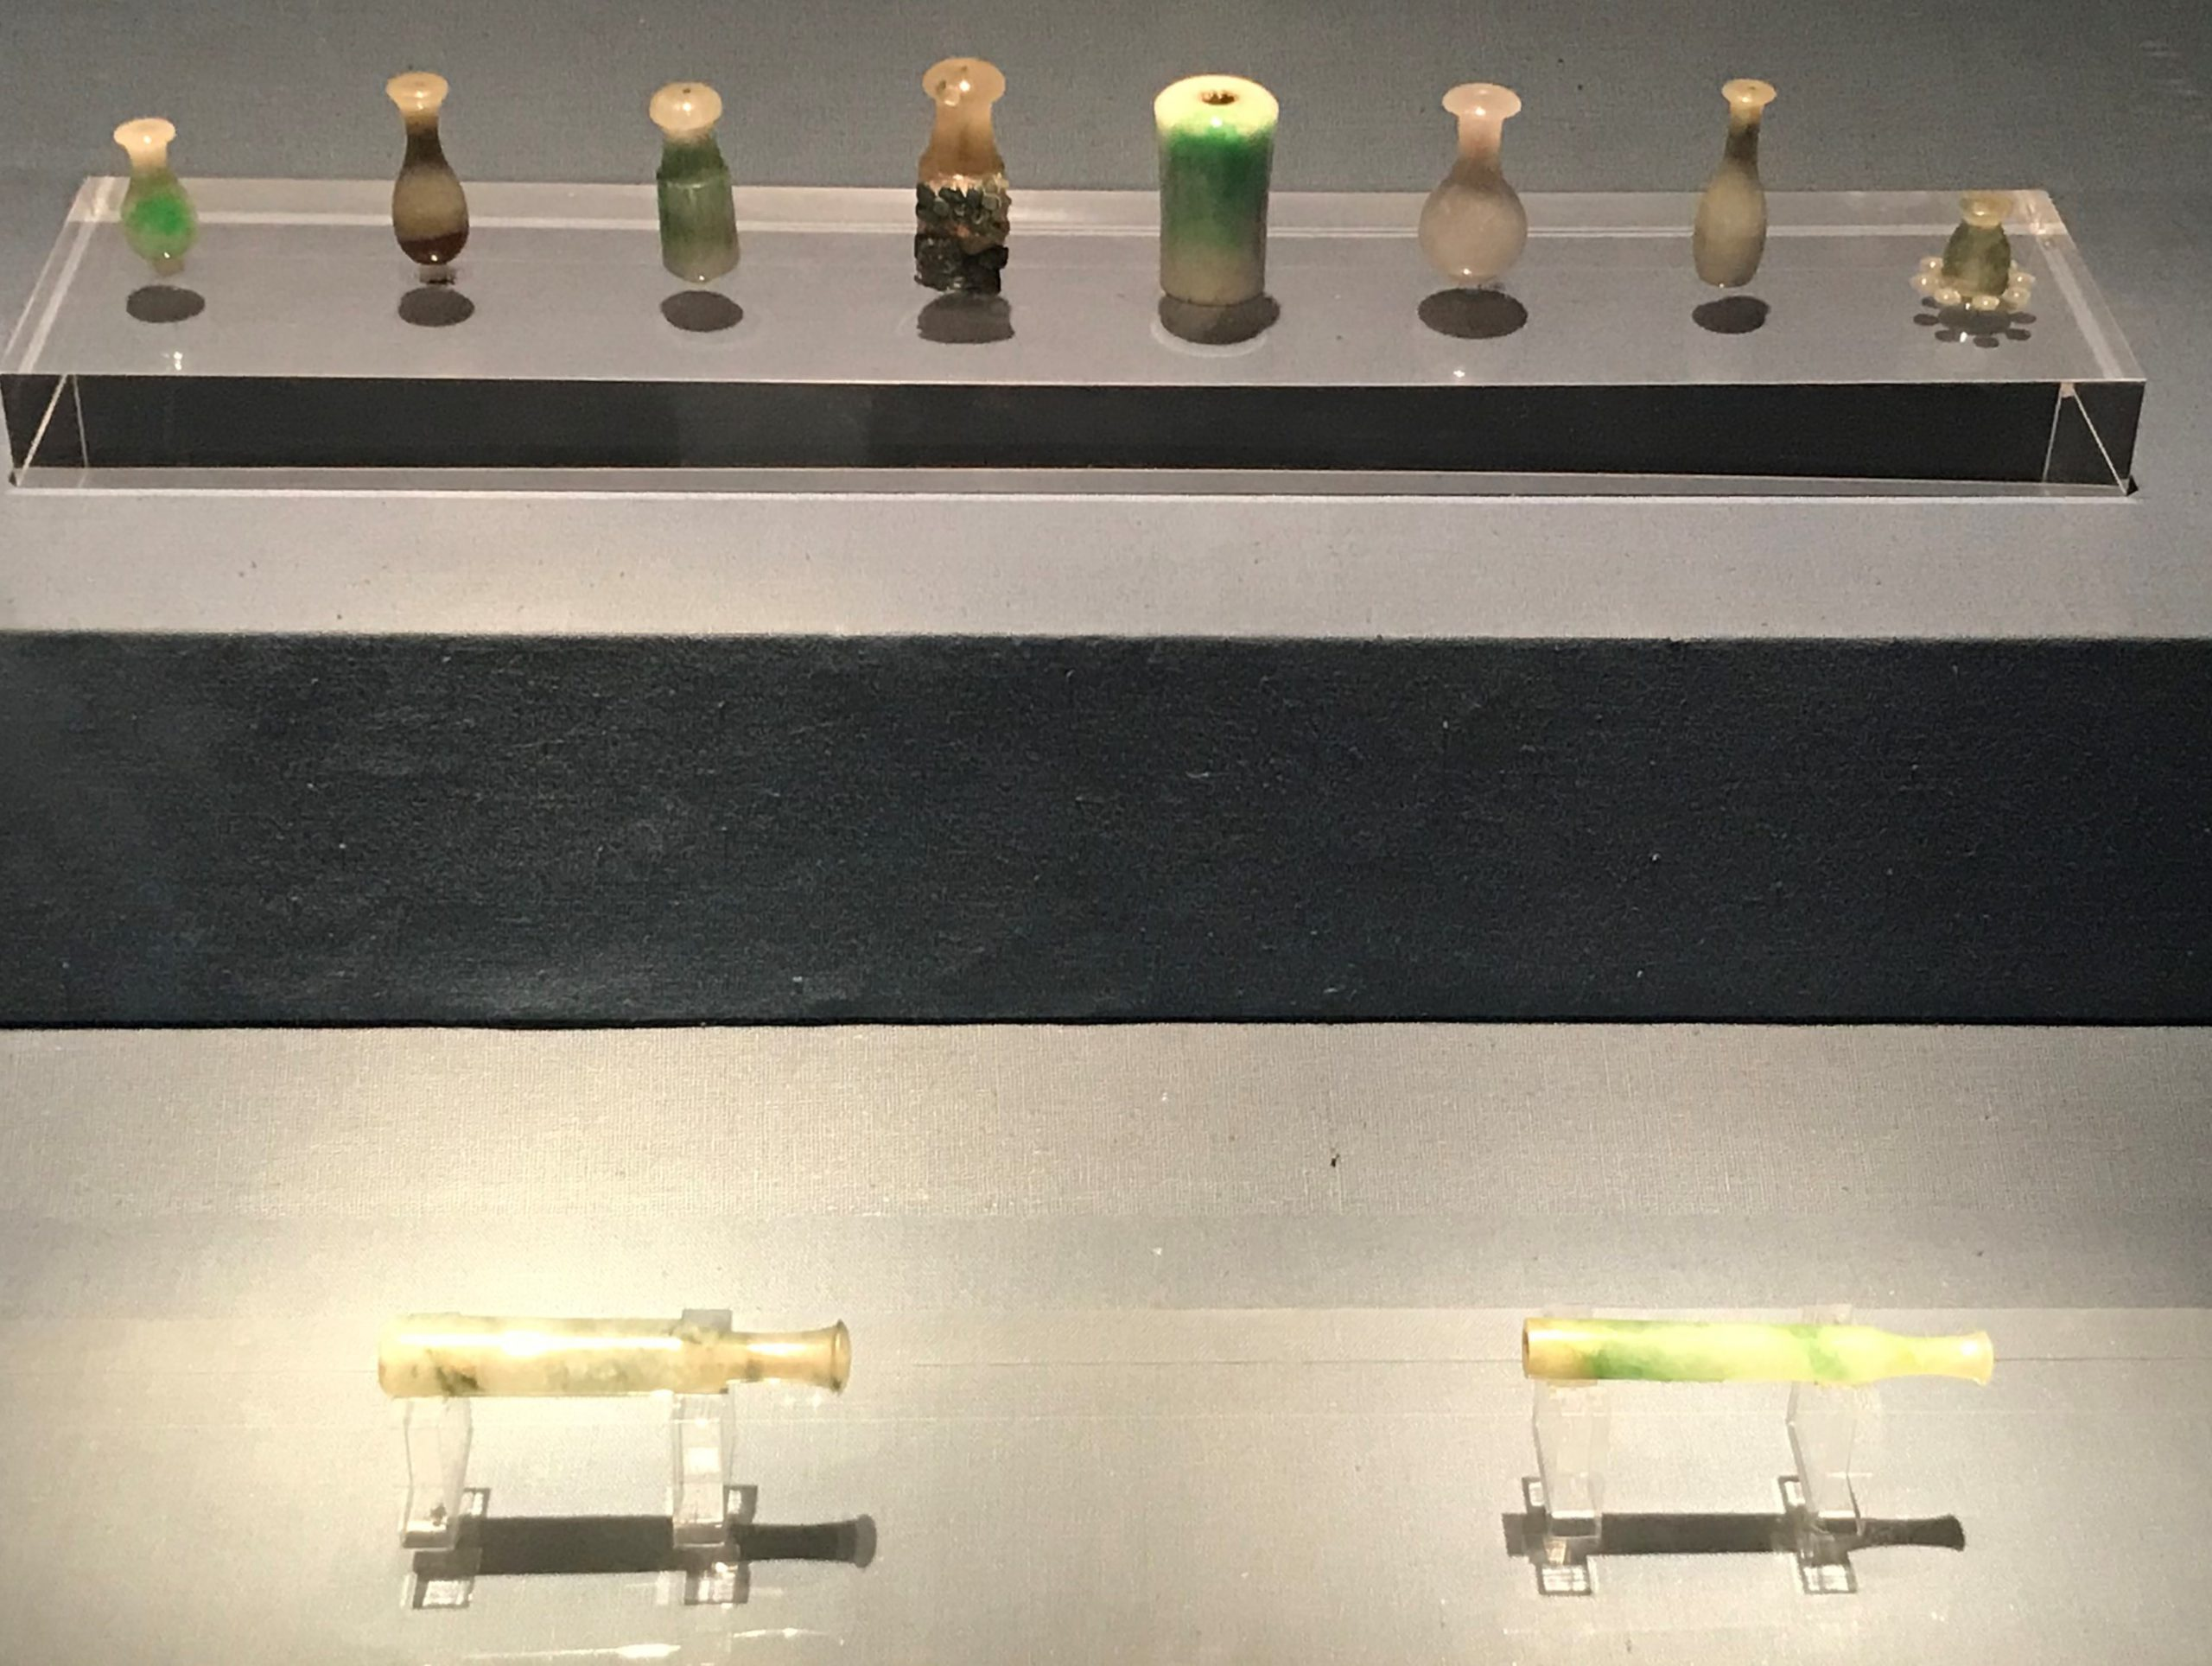 玉タバコホルダー-明清時代-常設展F3-成都博物館